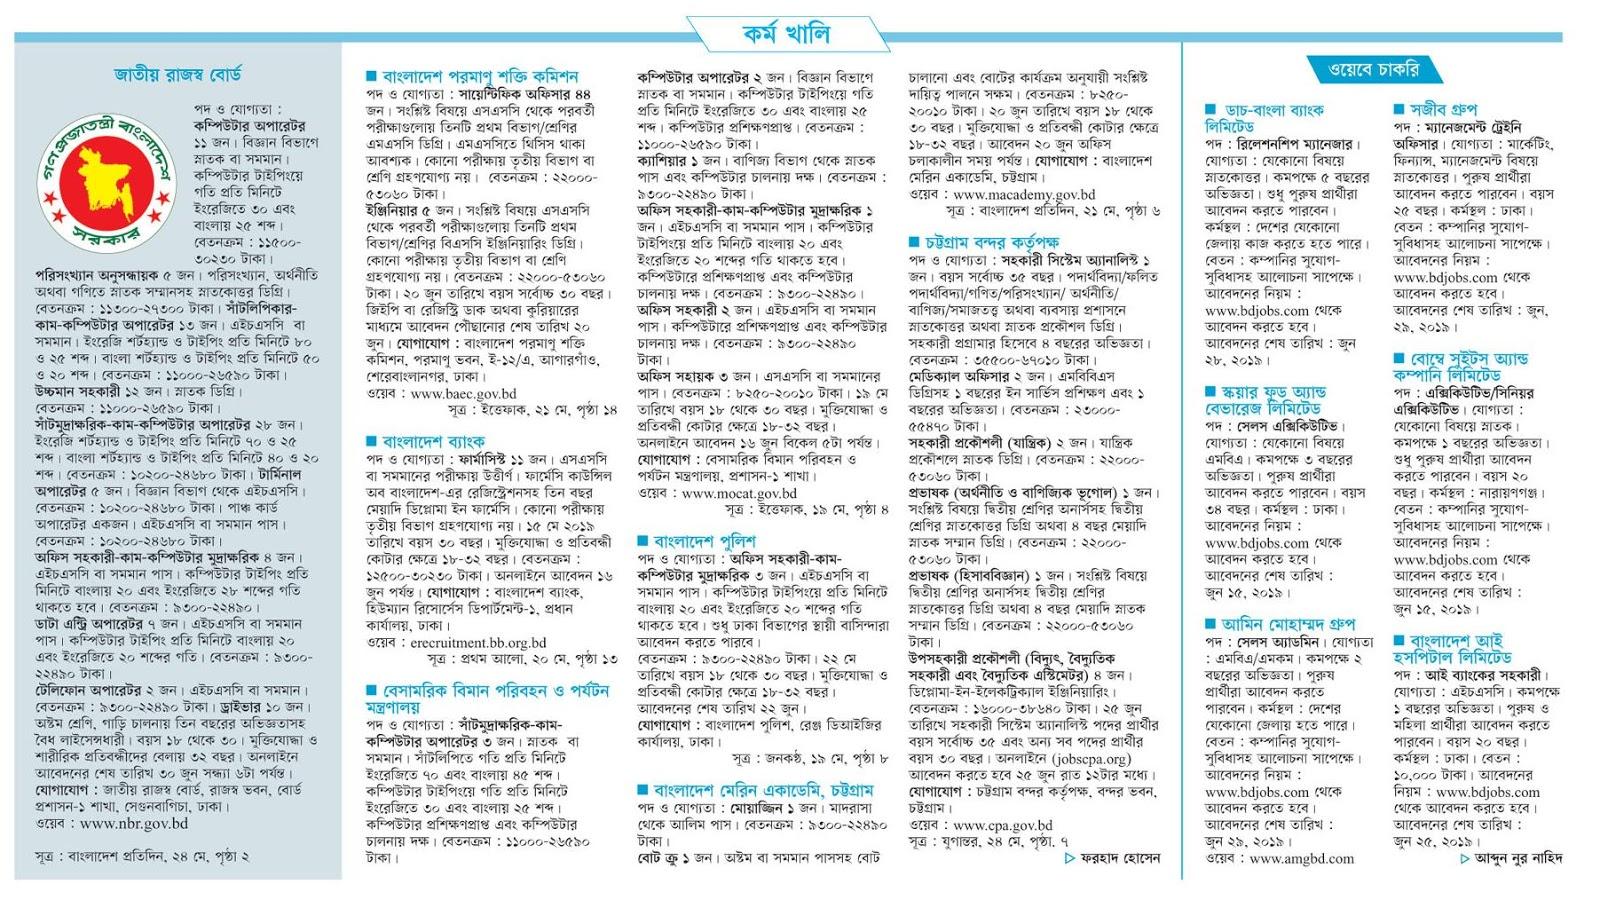 জুন মাসের যত সরকারি চাকরির বিজ্ঞপ্তিগুলো একসাথে দেখুন আবেদনের লিংক সহ